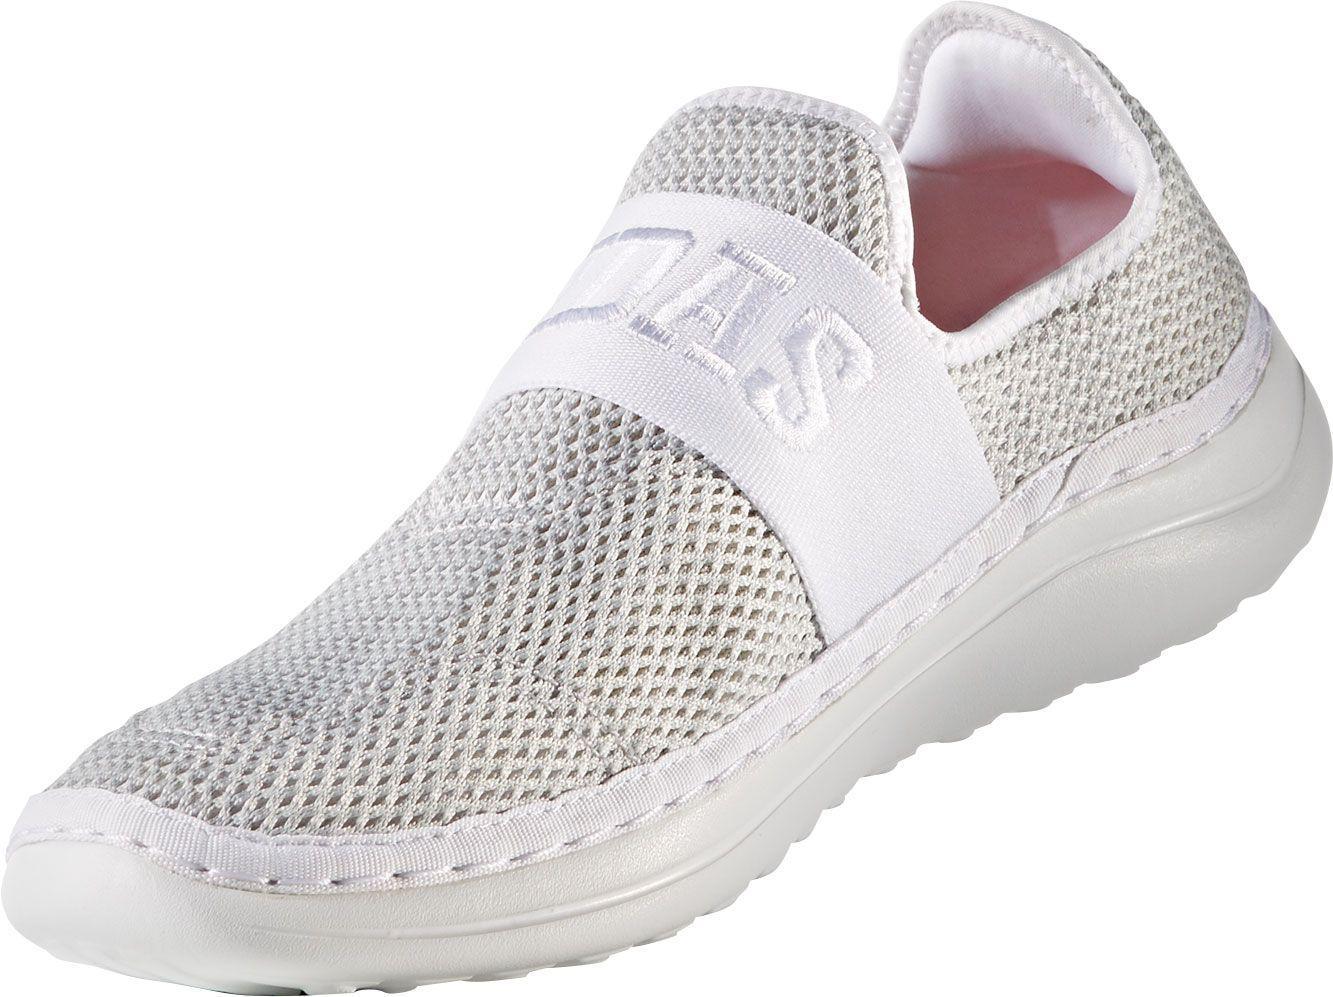 d25352e15cd7 Adidas Multicolor Cloudfoam Plus Zen Recovery Shoes for men